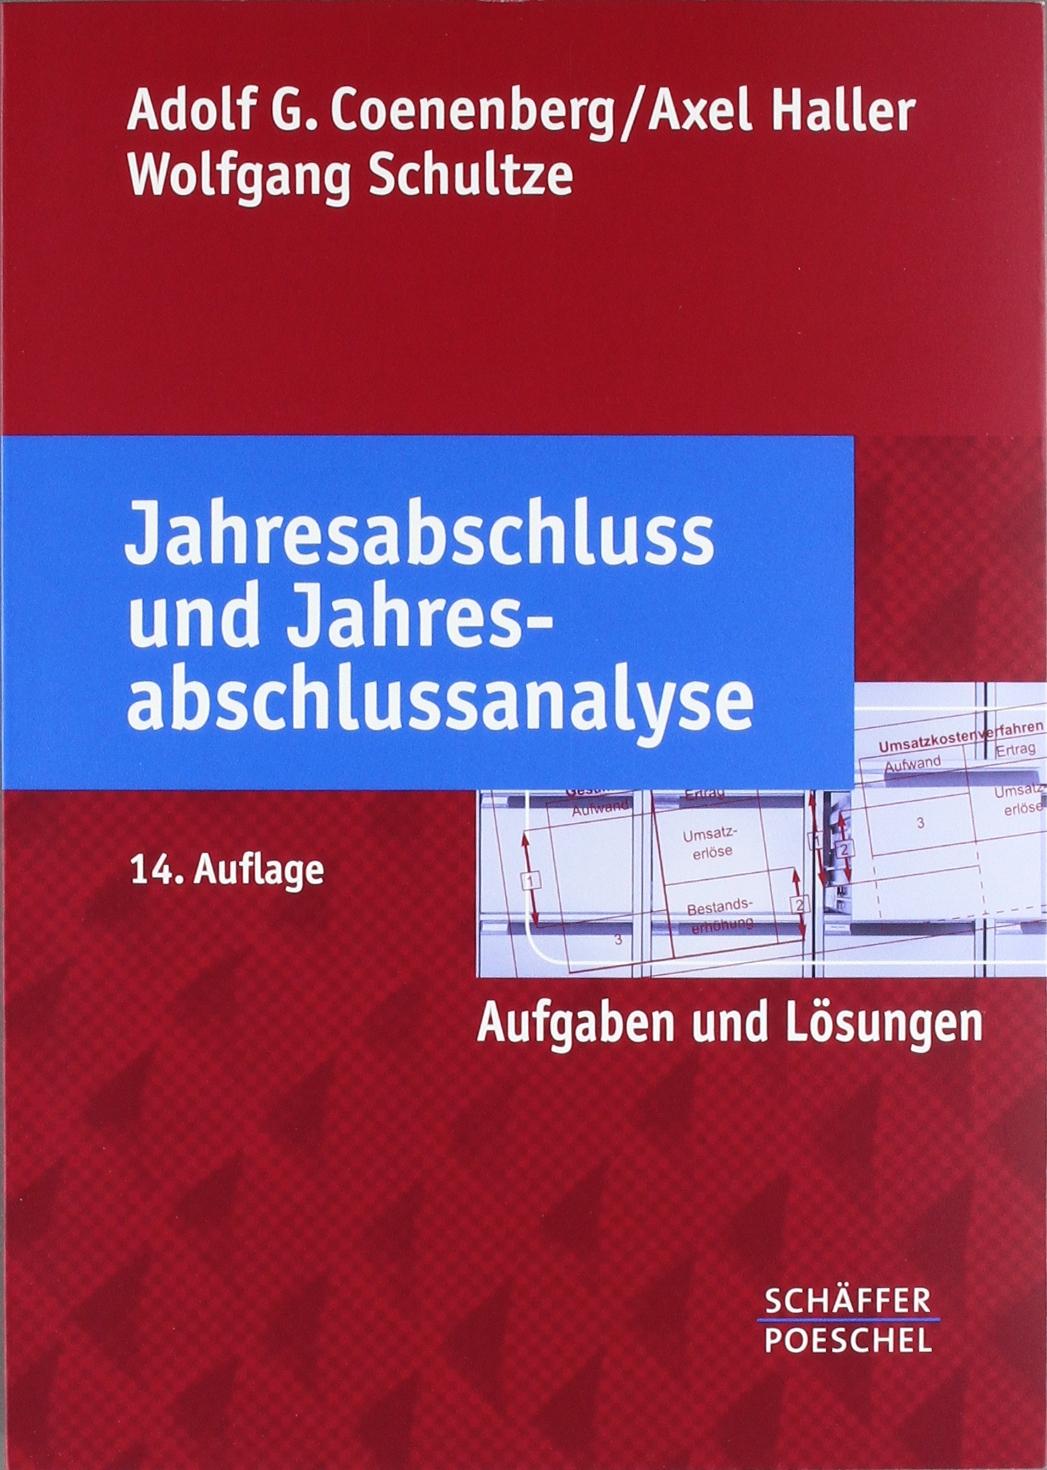 Jahresabschluss und Jahresabschlussanalyse: Aufgaben und Lösungen Broschiert – 12. März 2012 Adolf G. Coenenberg Axel Haller Wolfgang Schultze Schäffer-Poeschel